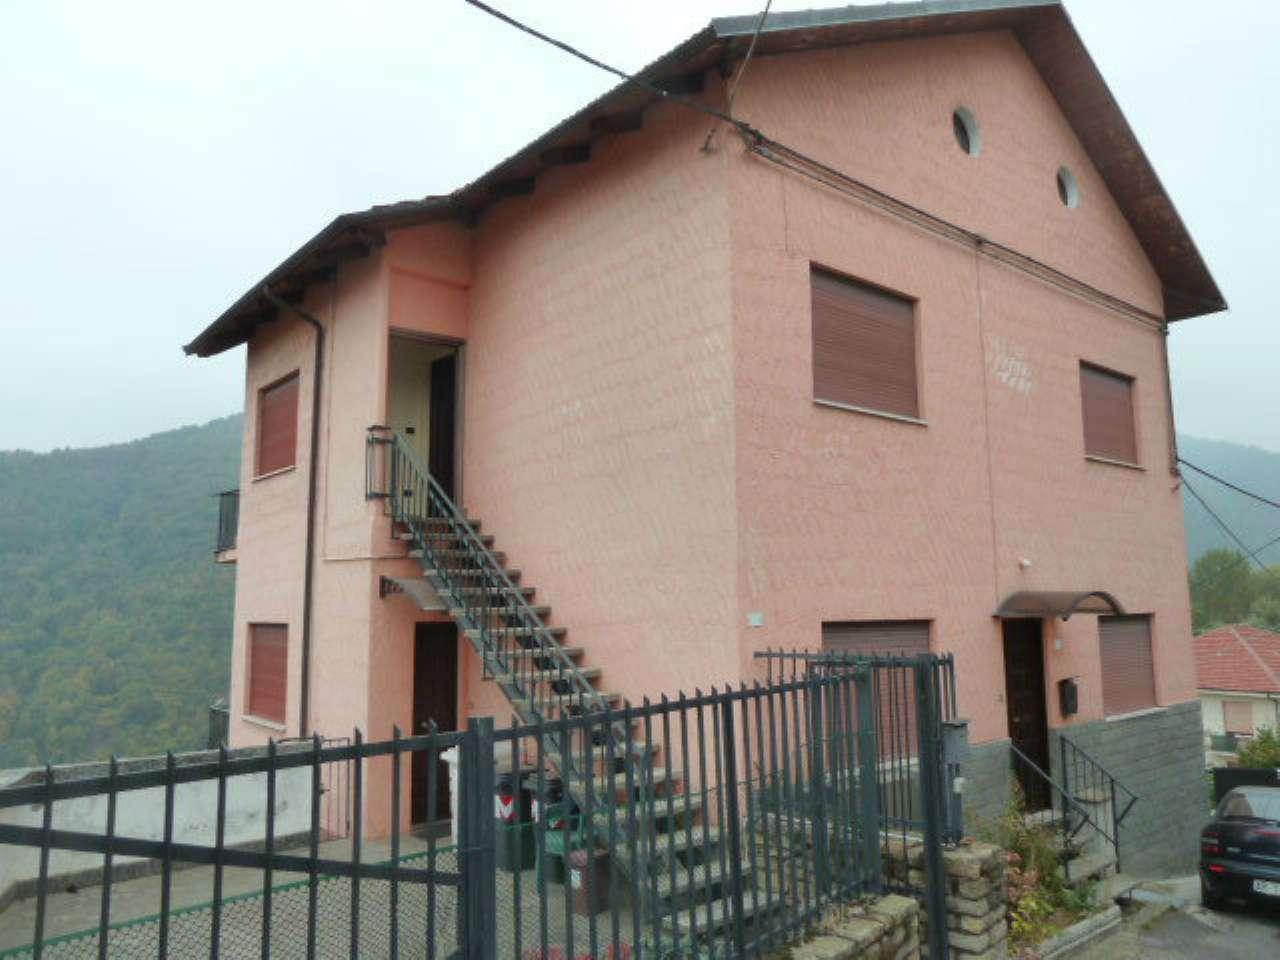 Appartamento in vendita a Coazze, 4 locali, prezzo € 65.000 | CambioCasa.it